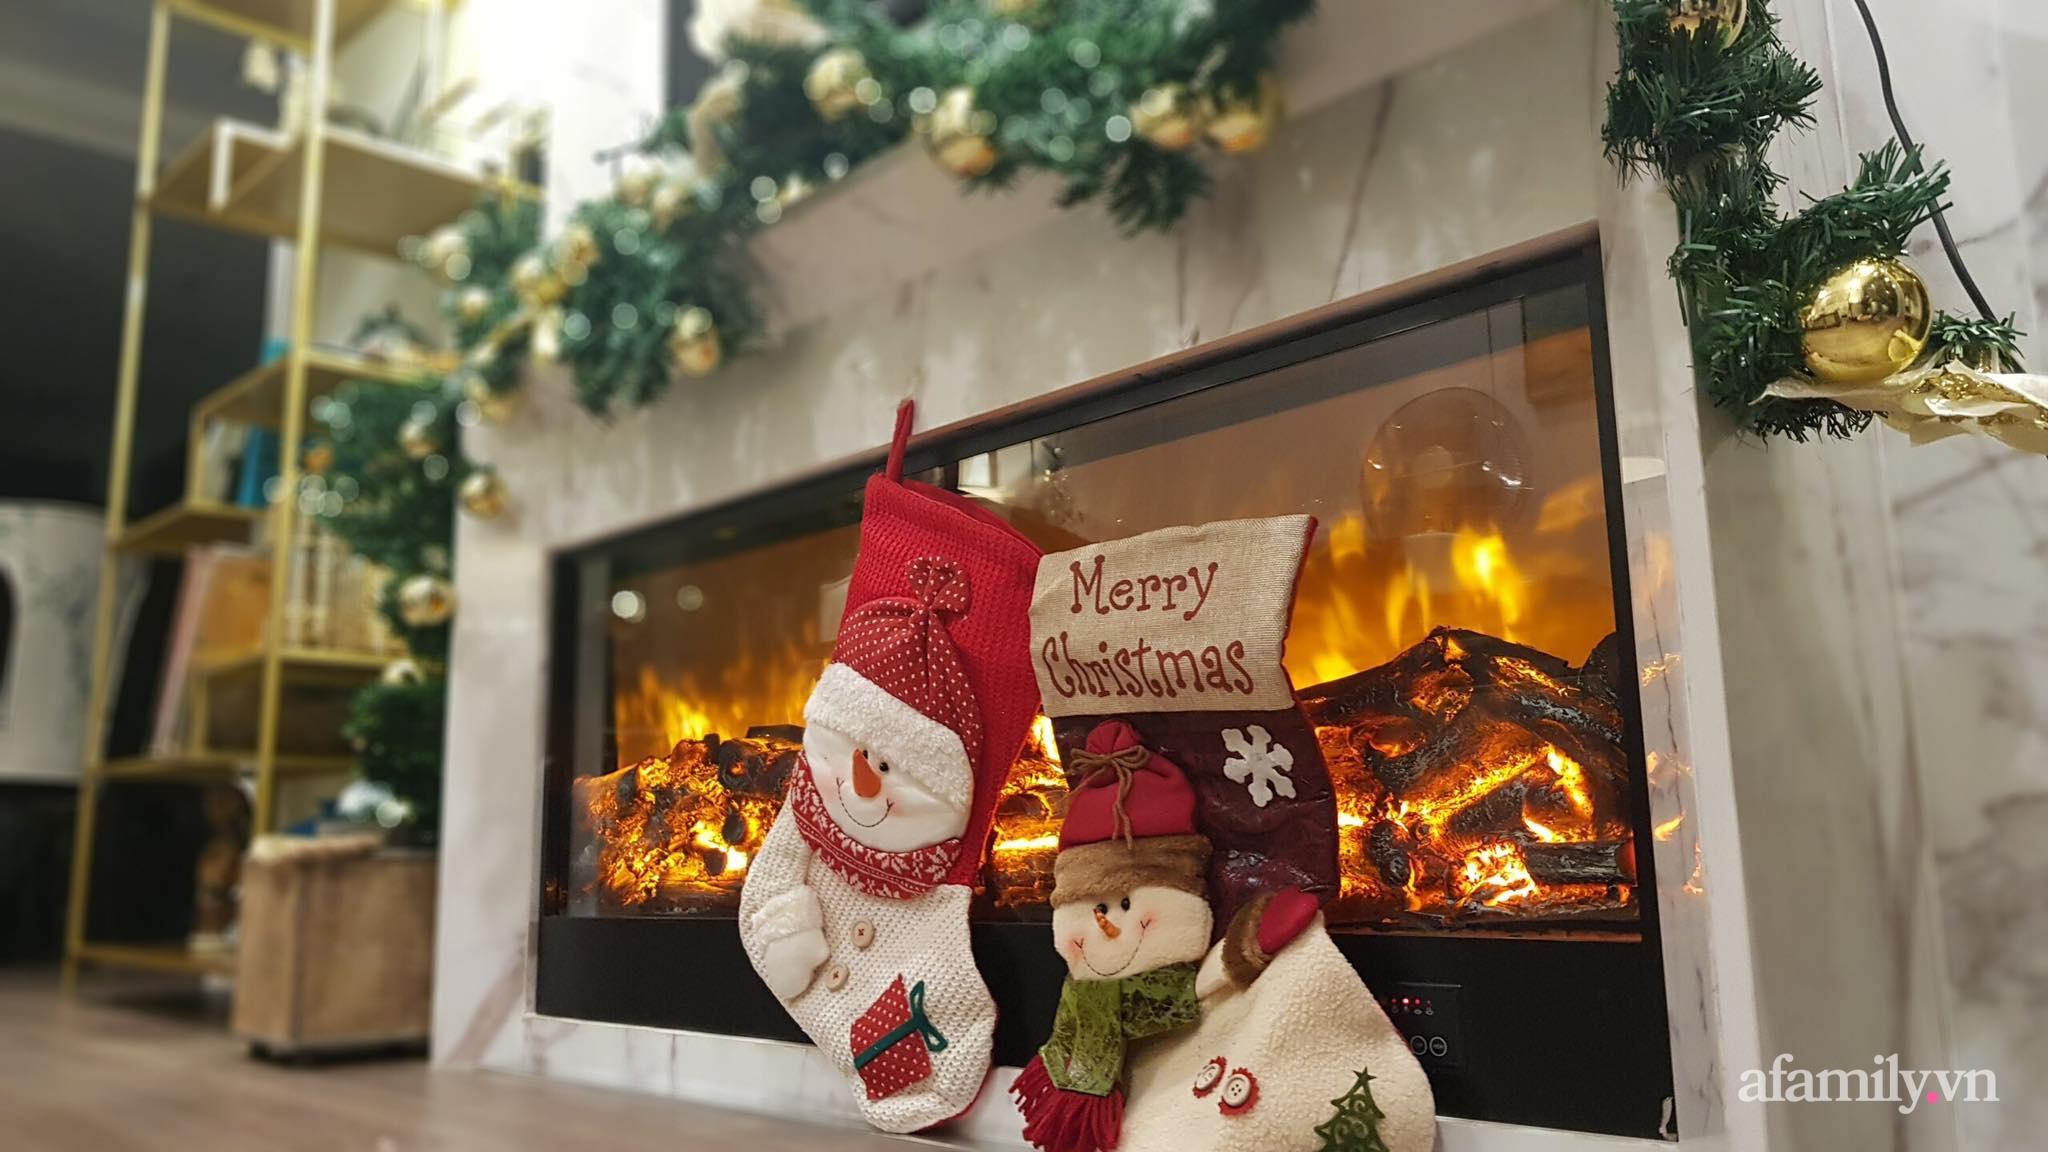 """Căn hộ """"thắp sáng"""" những sắc màu giúp từng góc nhỏ thêm ấm cúng đón Giáng sinh ở Hà Nội - Ảnh 7."""